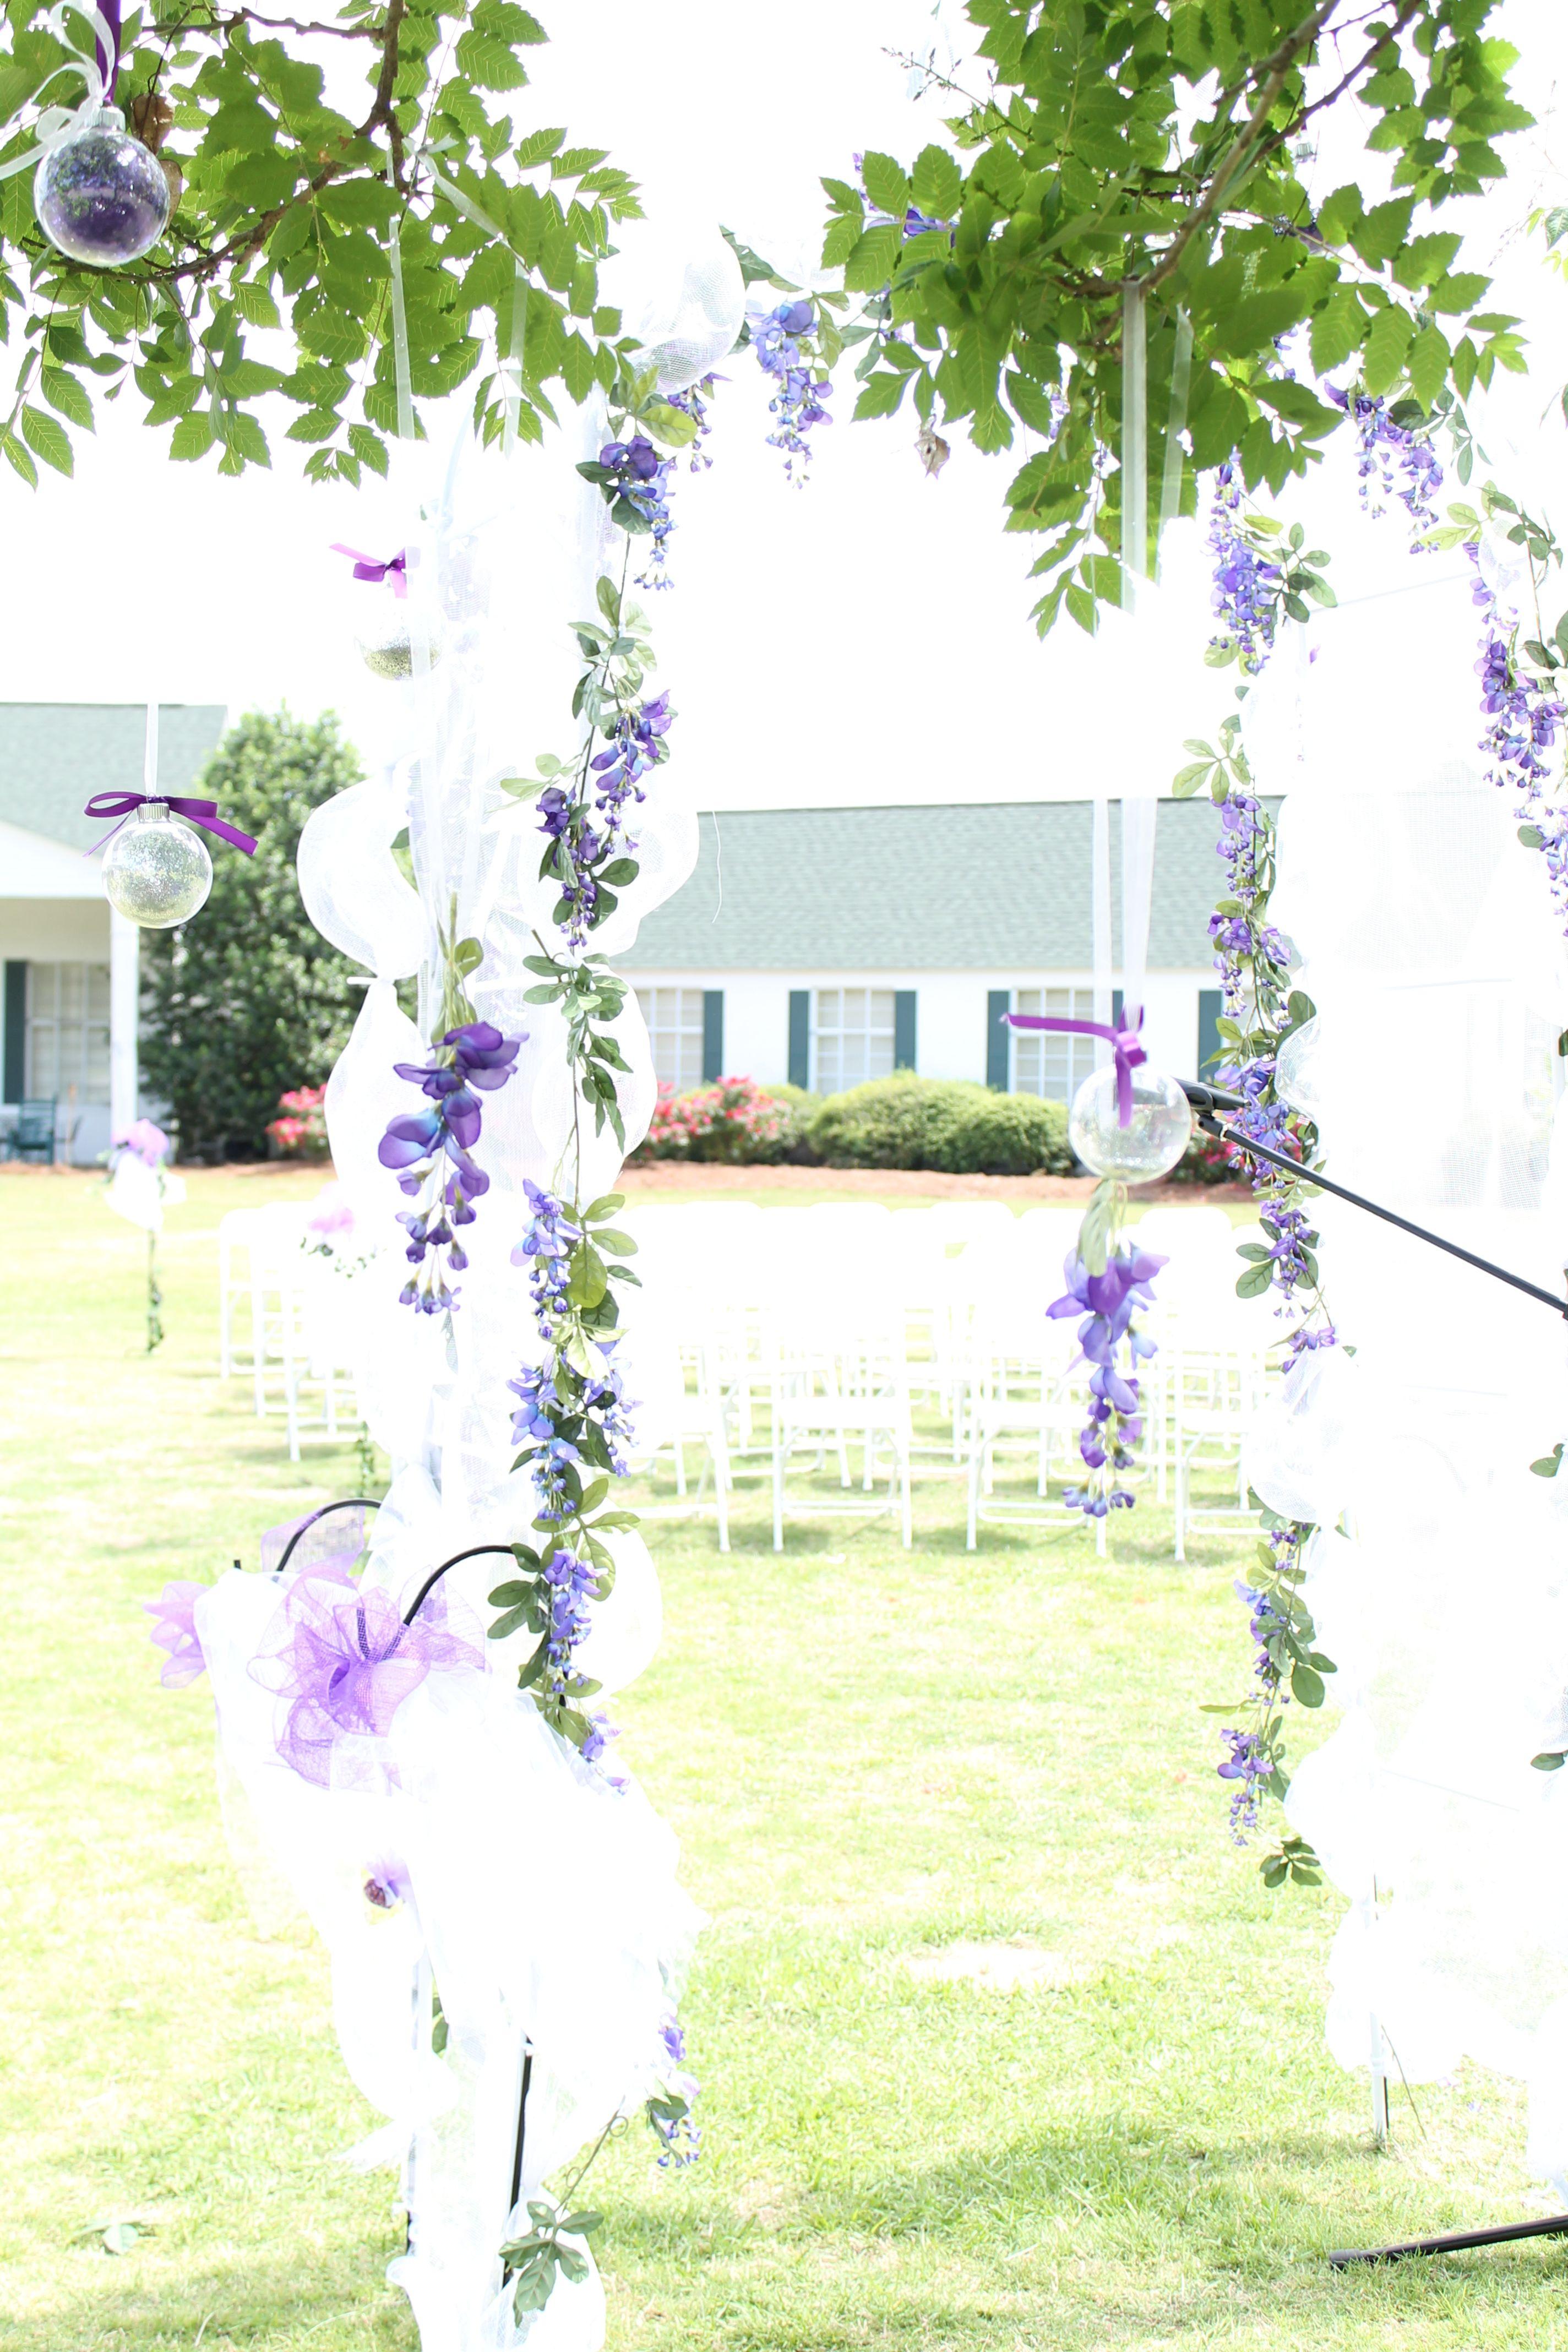 Wedding decorations arch  Wedding Arch  My Wedding   Pinterest  Diy wedding decorations